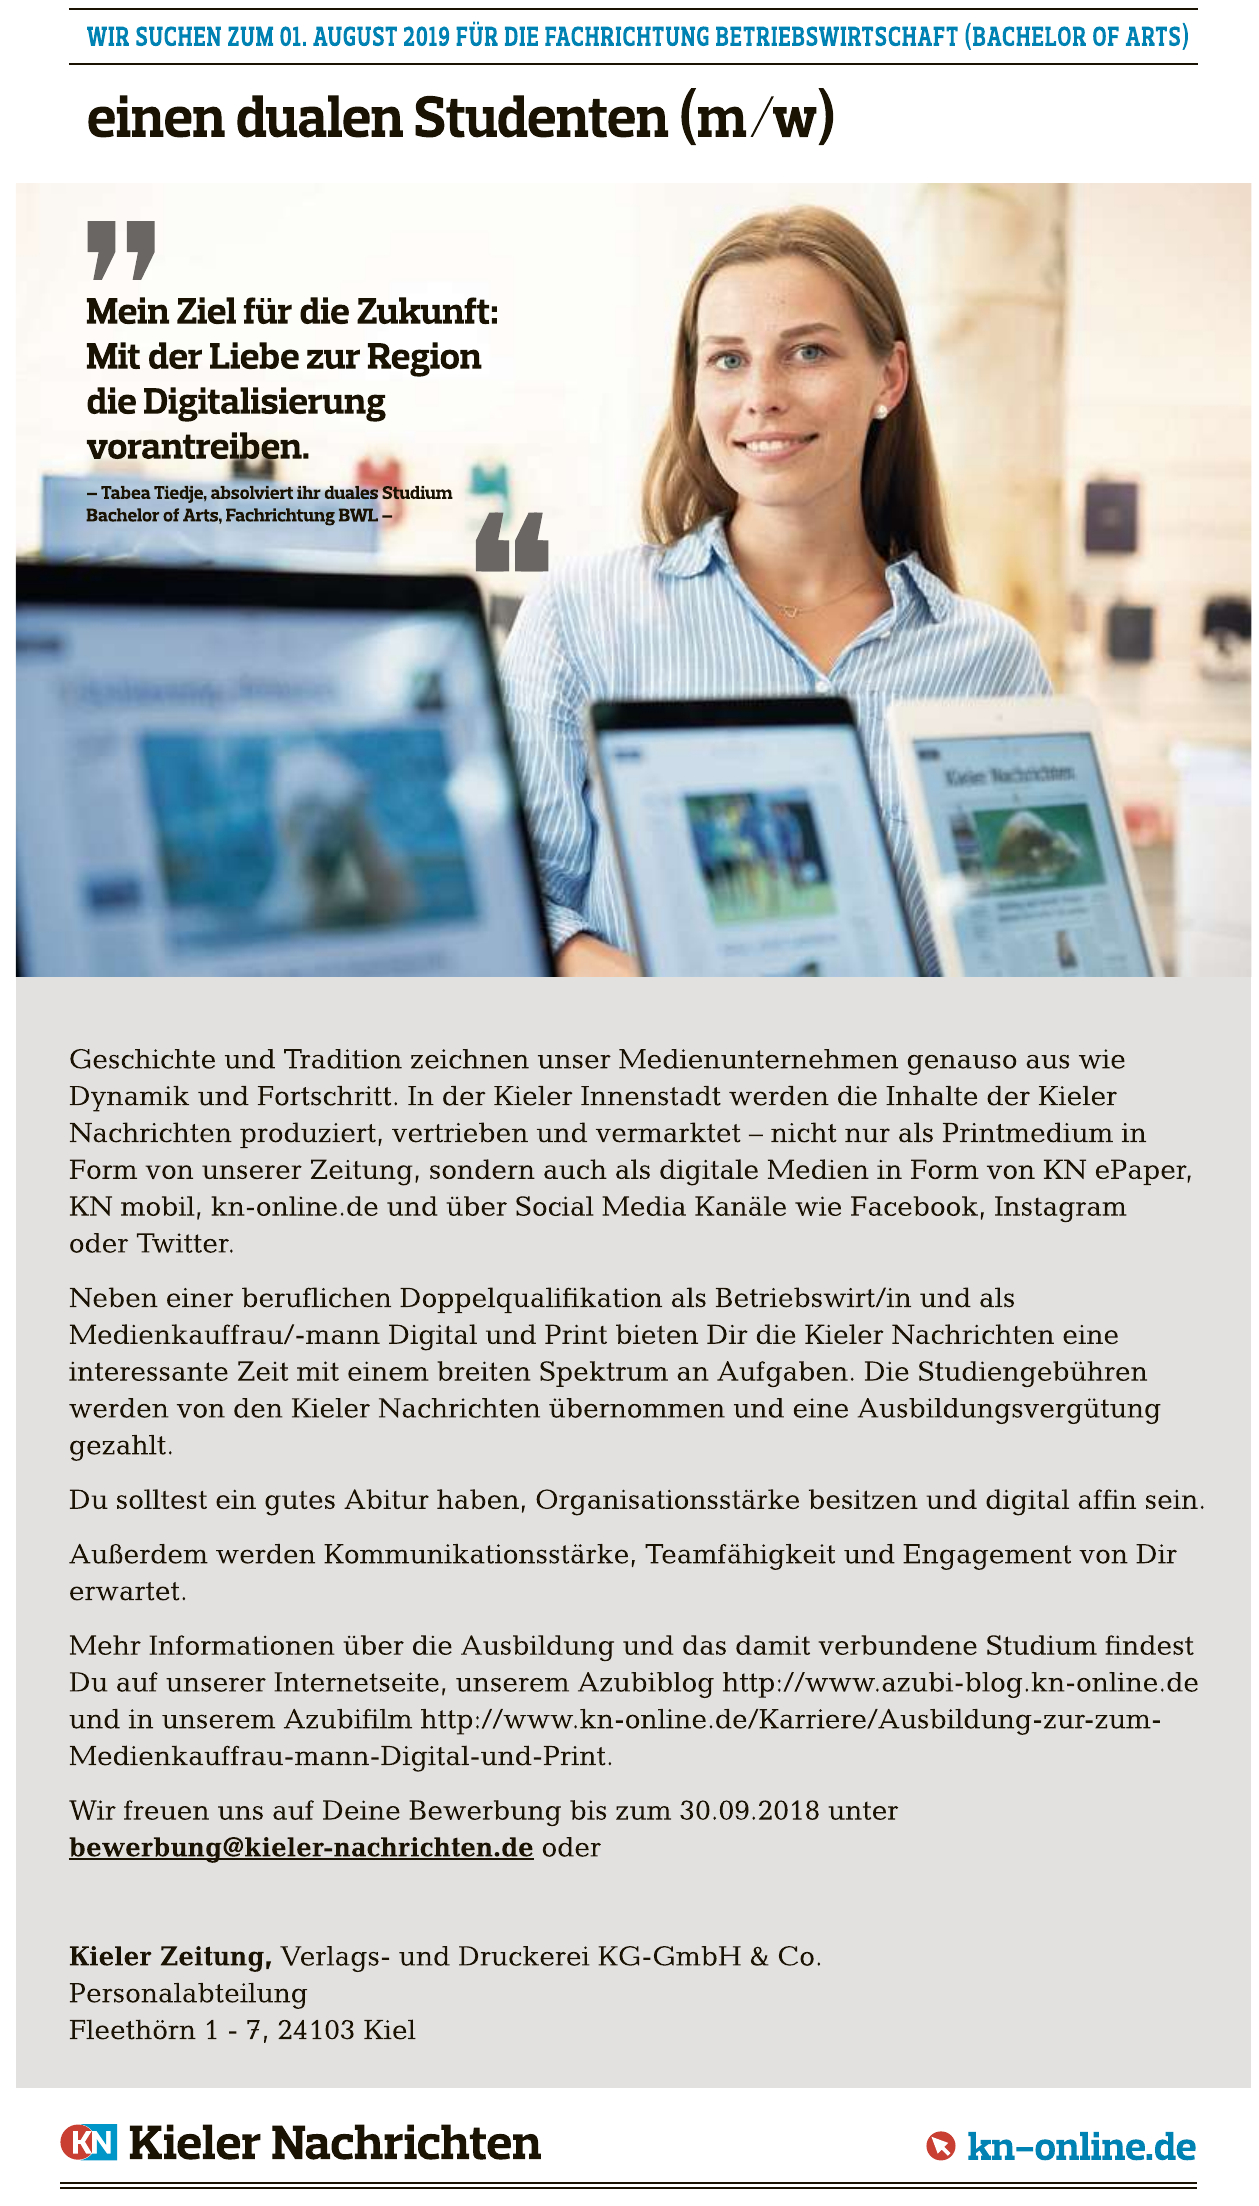 Kieler Zeitung Verlags- und Druckerei KG-GmbH & Co.